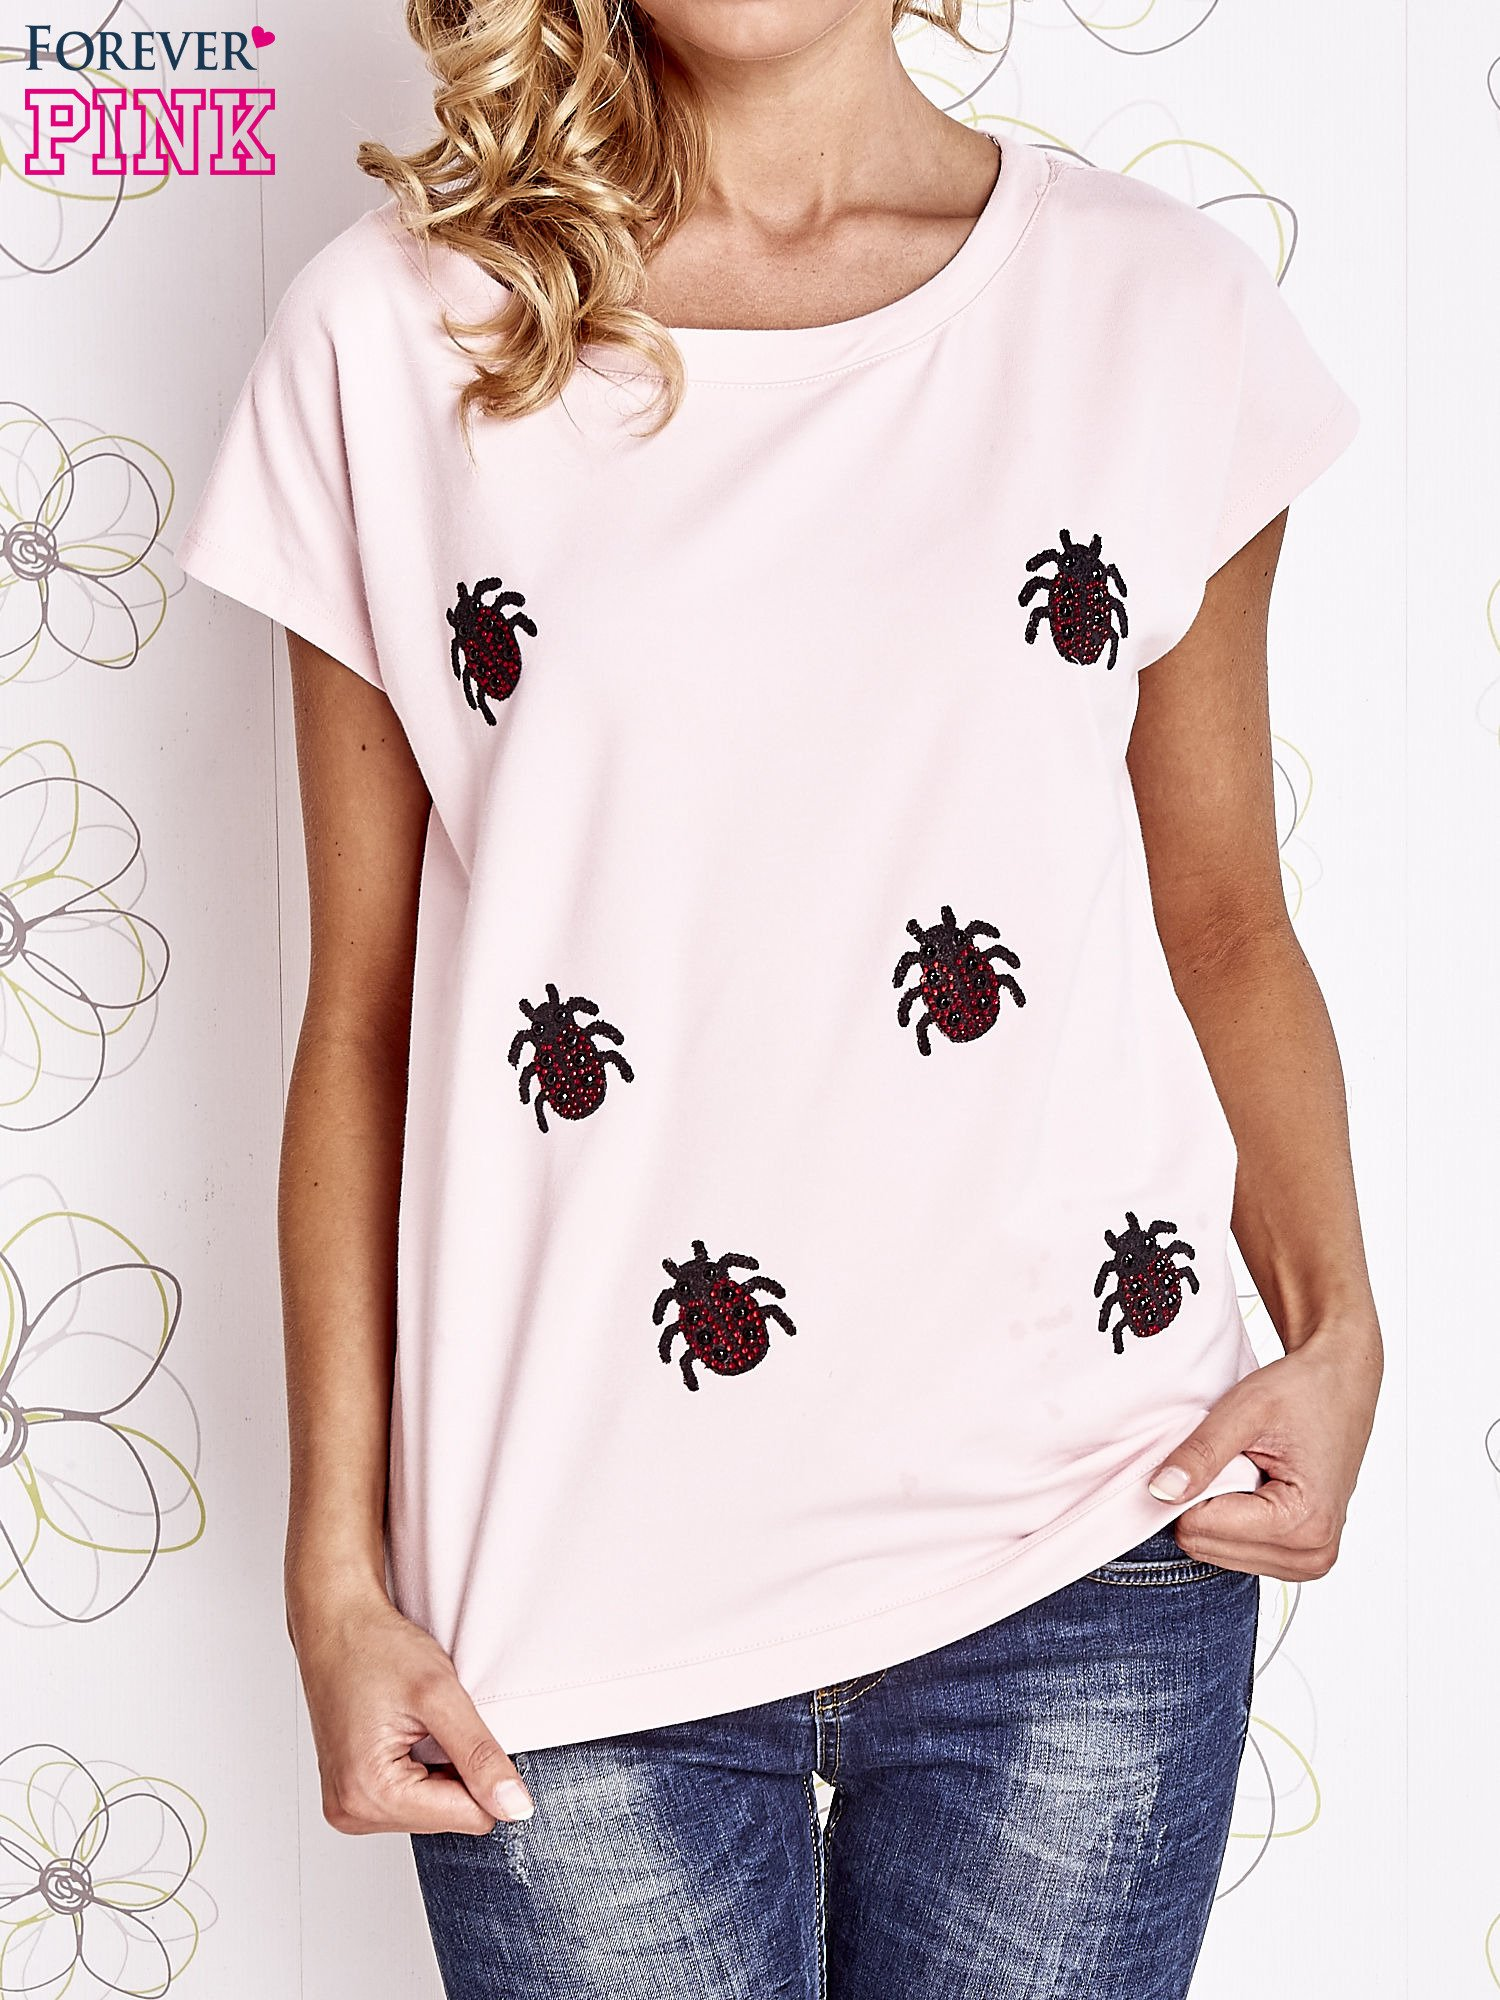 Jasnoróżowy t-shirt z aplikacją owadów                                  zdj.                                  1